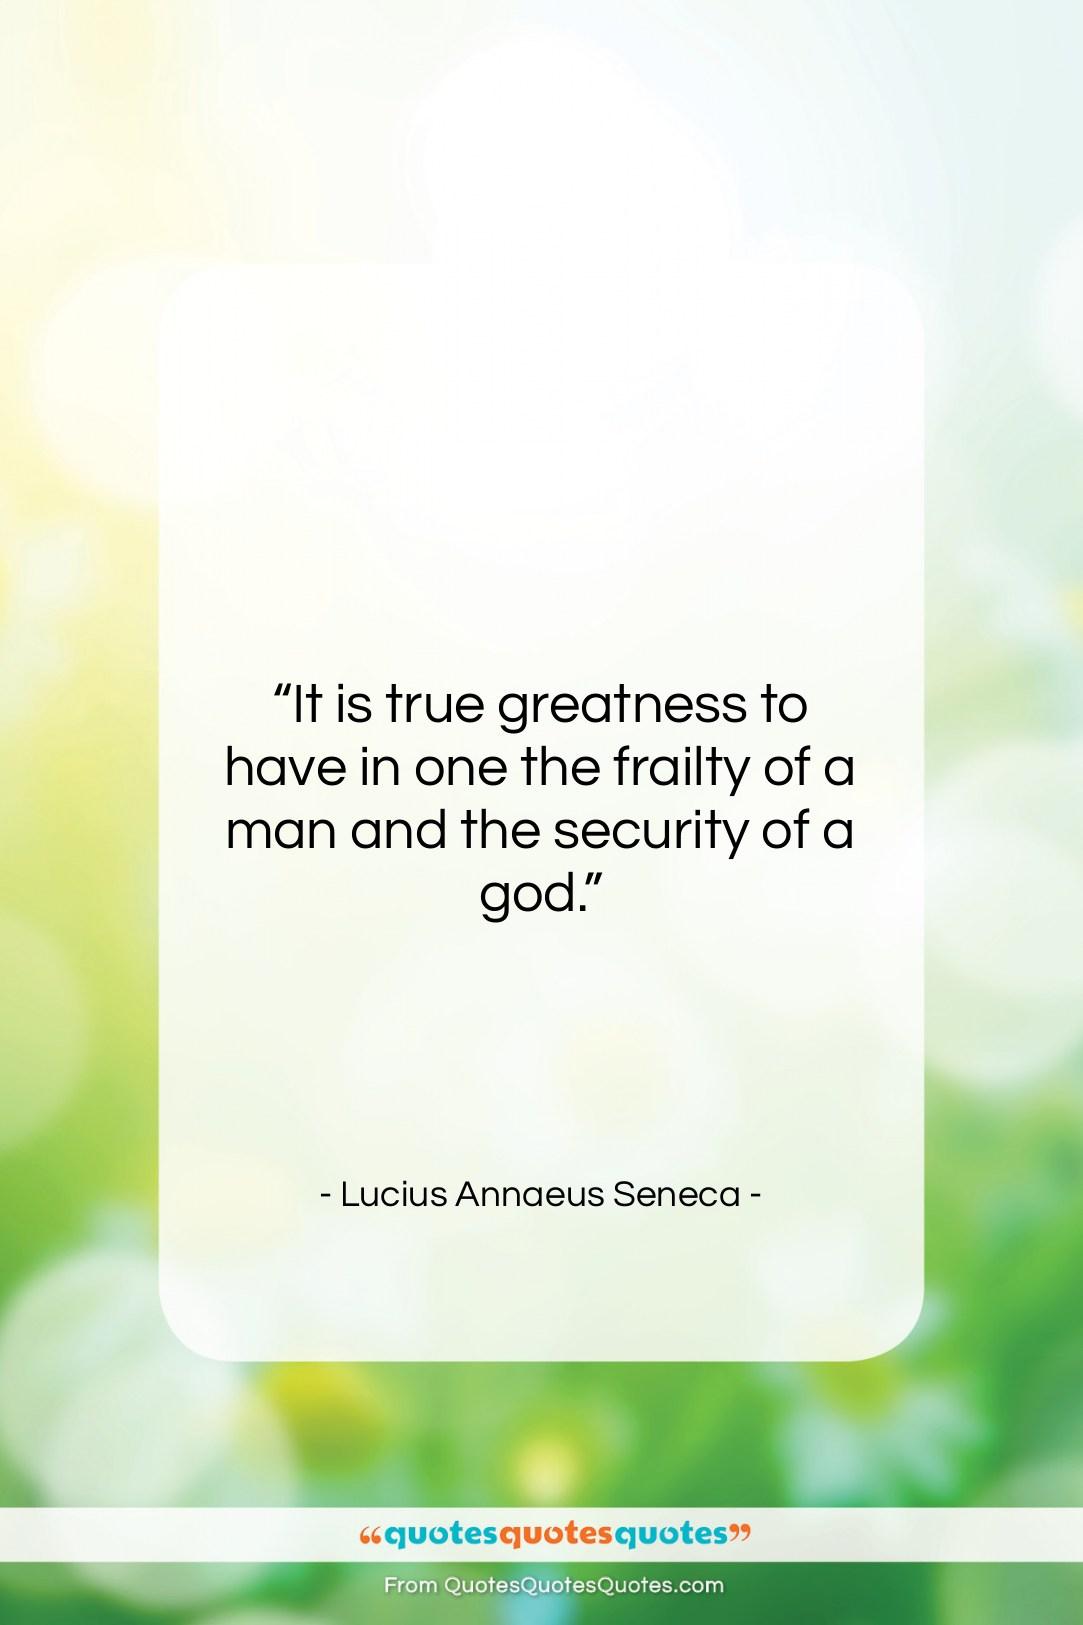 """Lucius Annaeus Seneca quote: """"It is true greatness to have in…""""- at QuotesQuotesQuotes.com"""